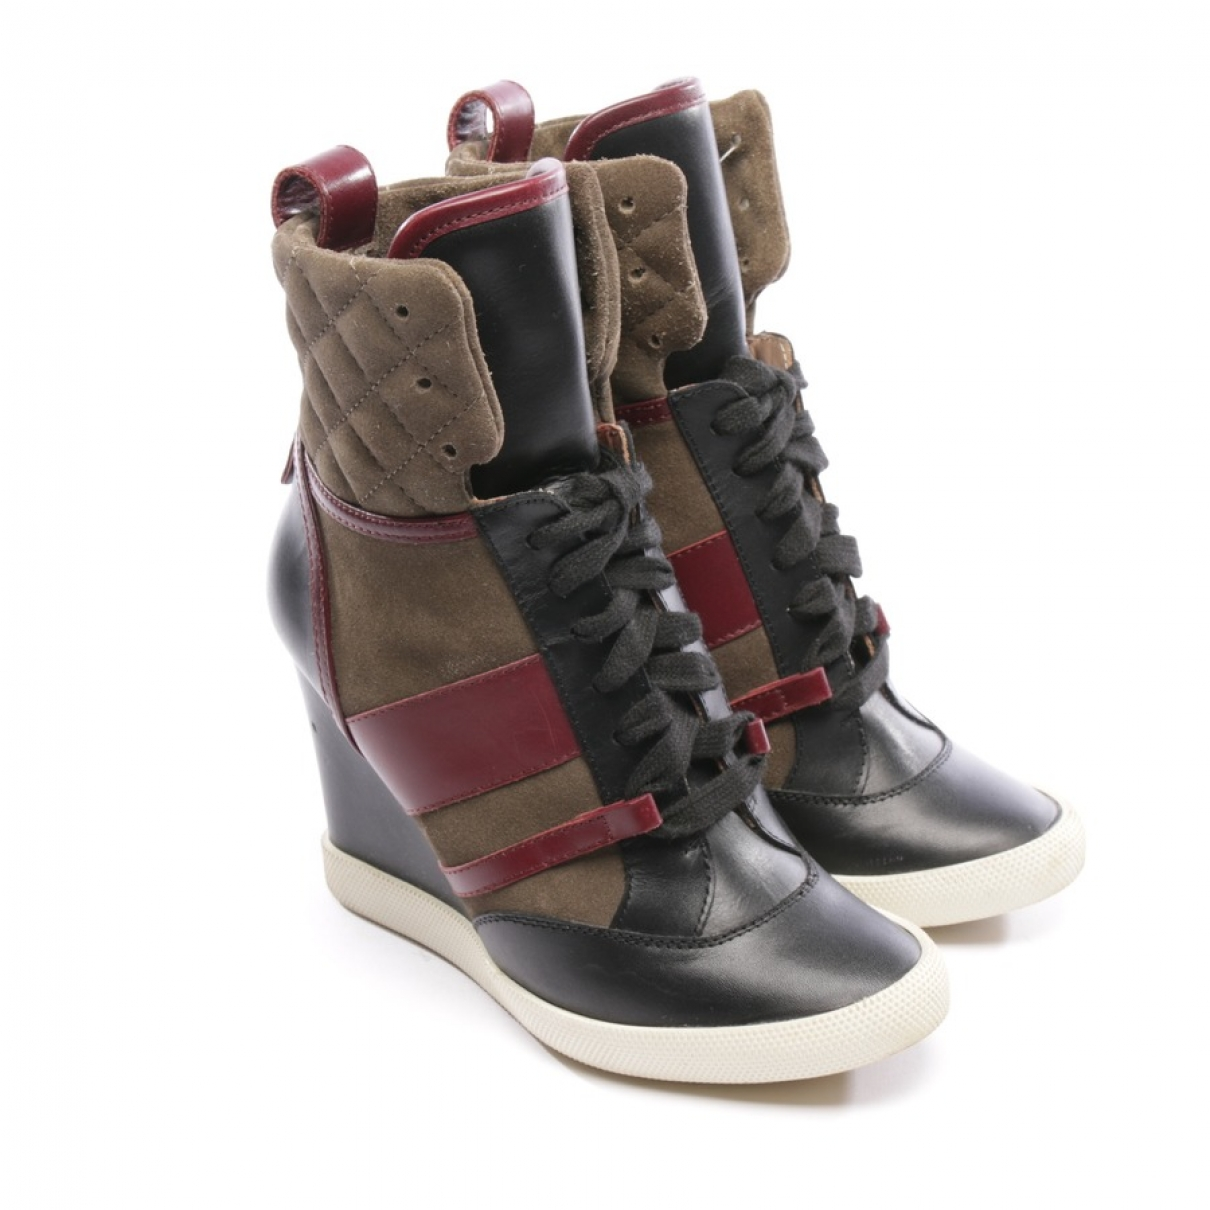 Chloe \N Sneakers in  Bunt Leder